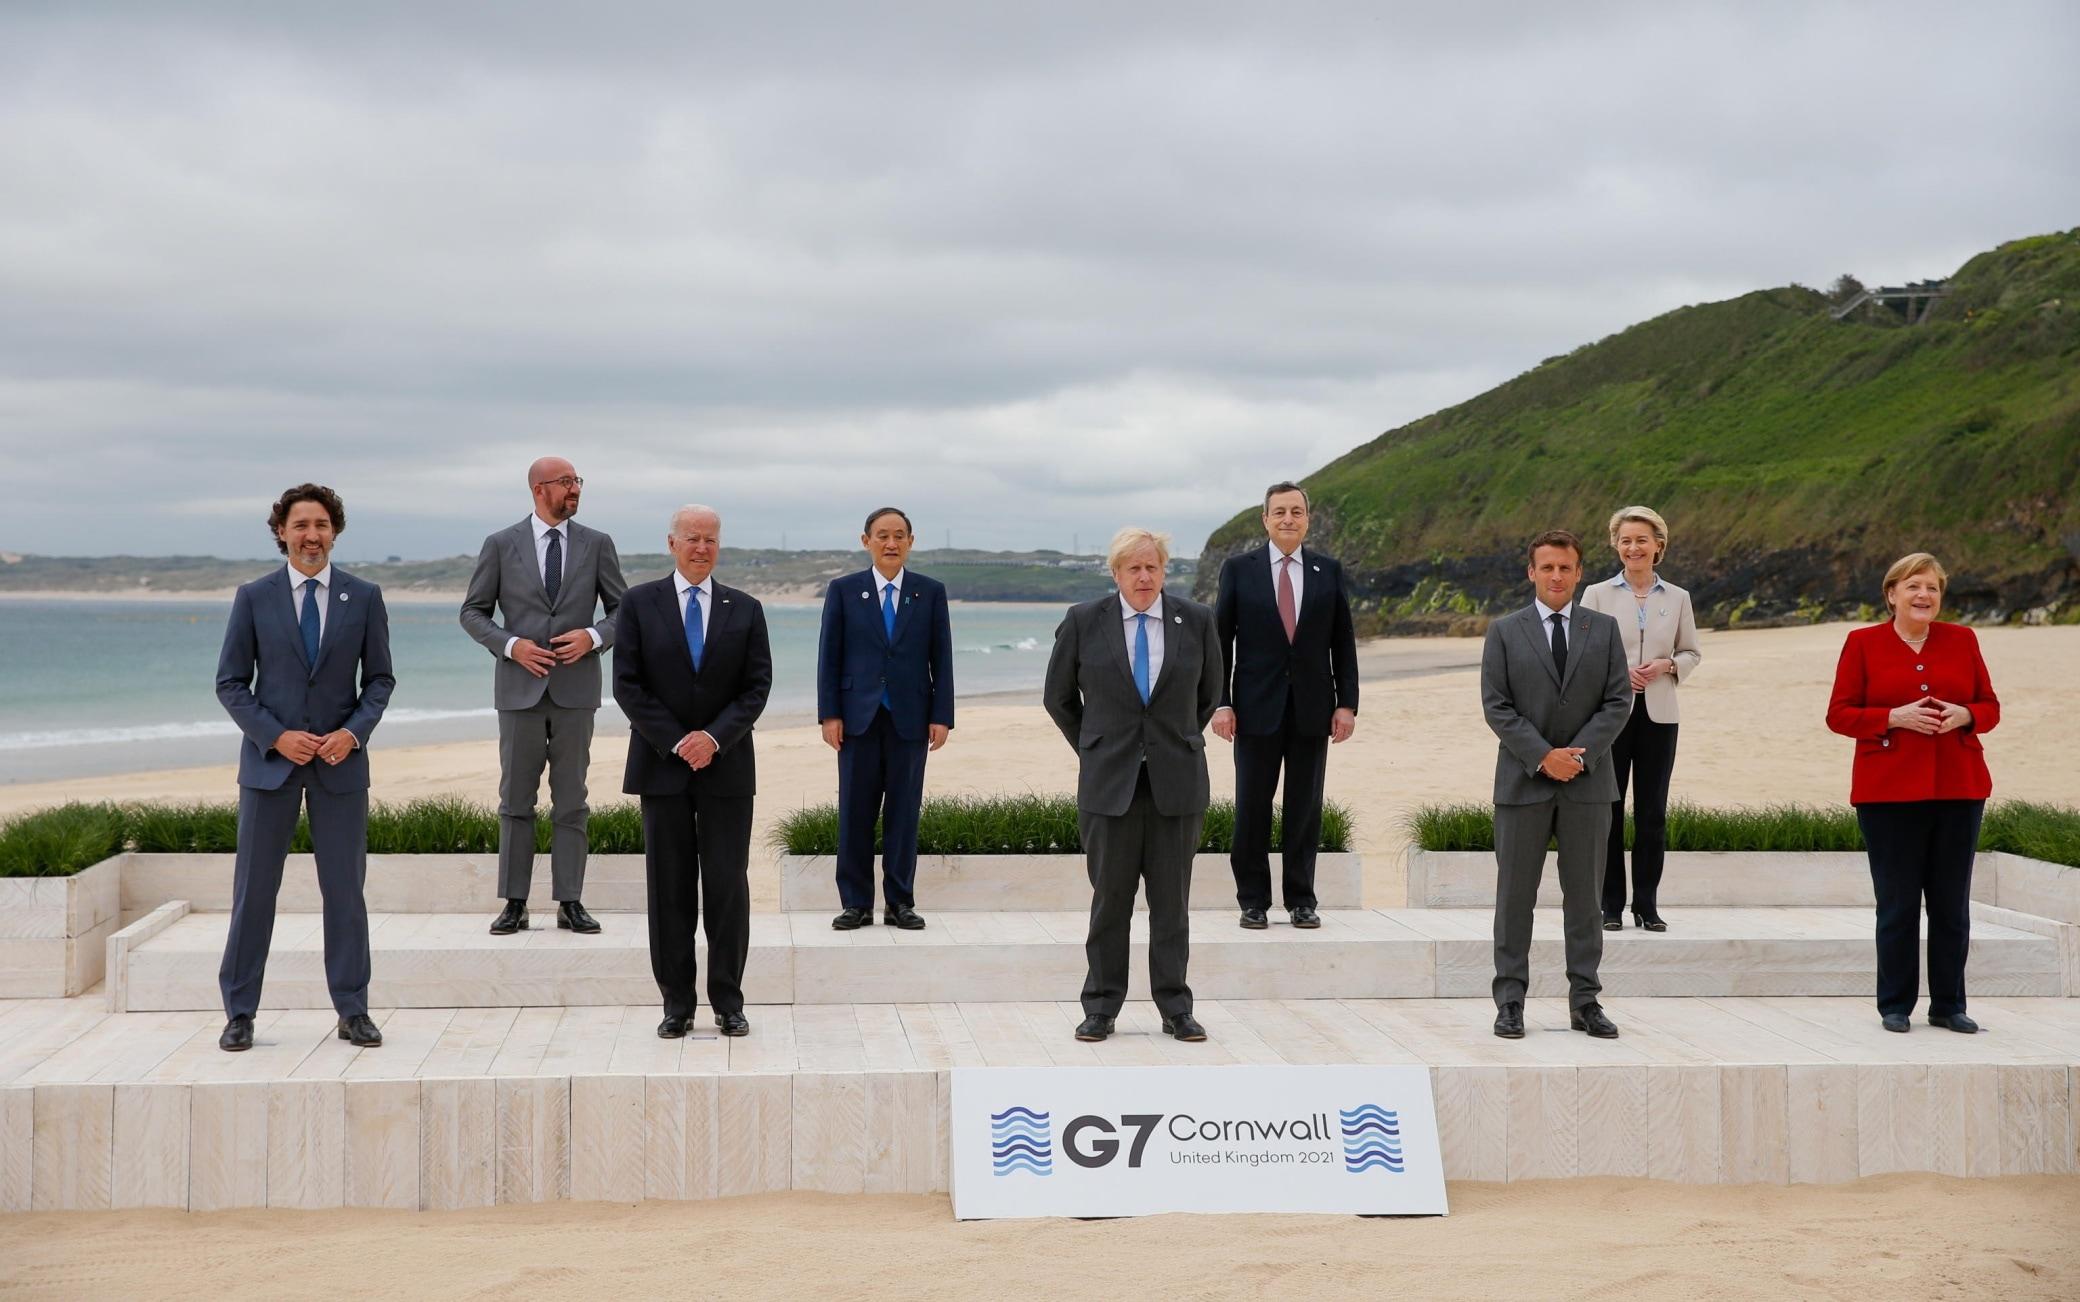 La foto dei leader al G7 in Cornovaglia